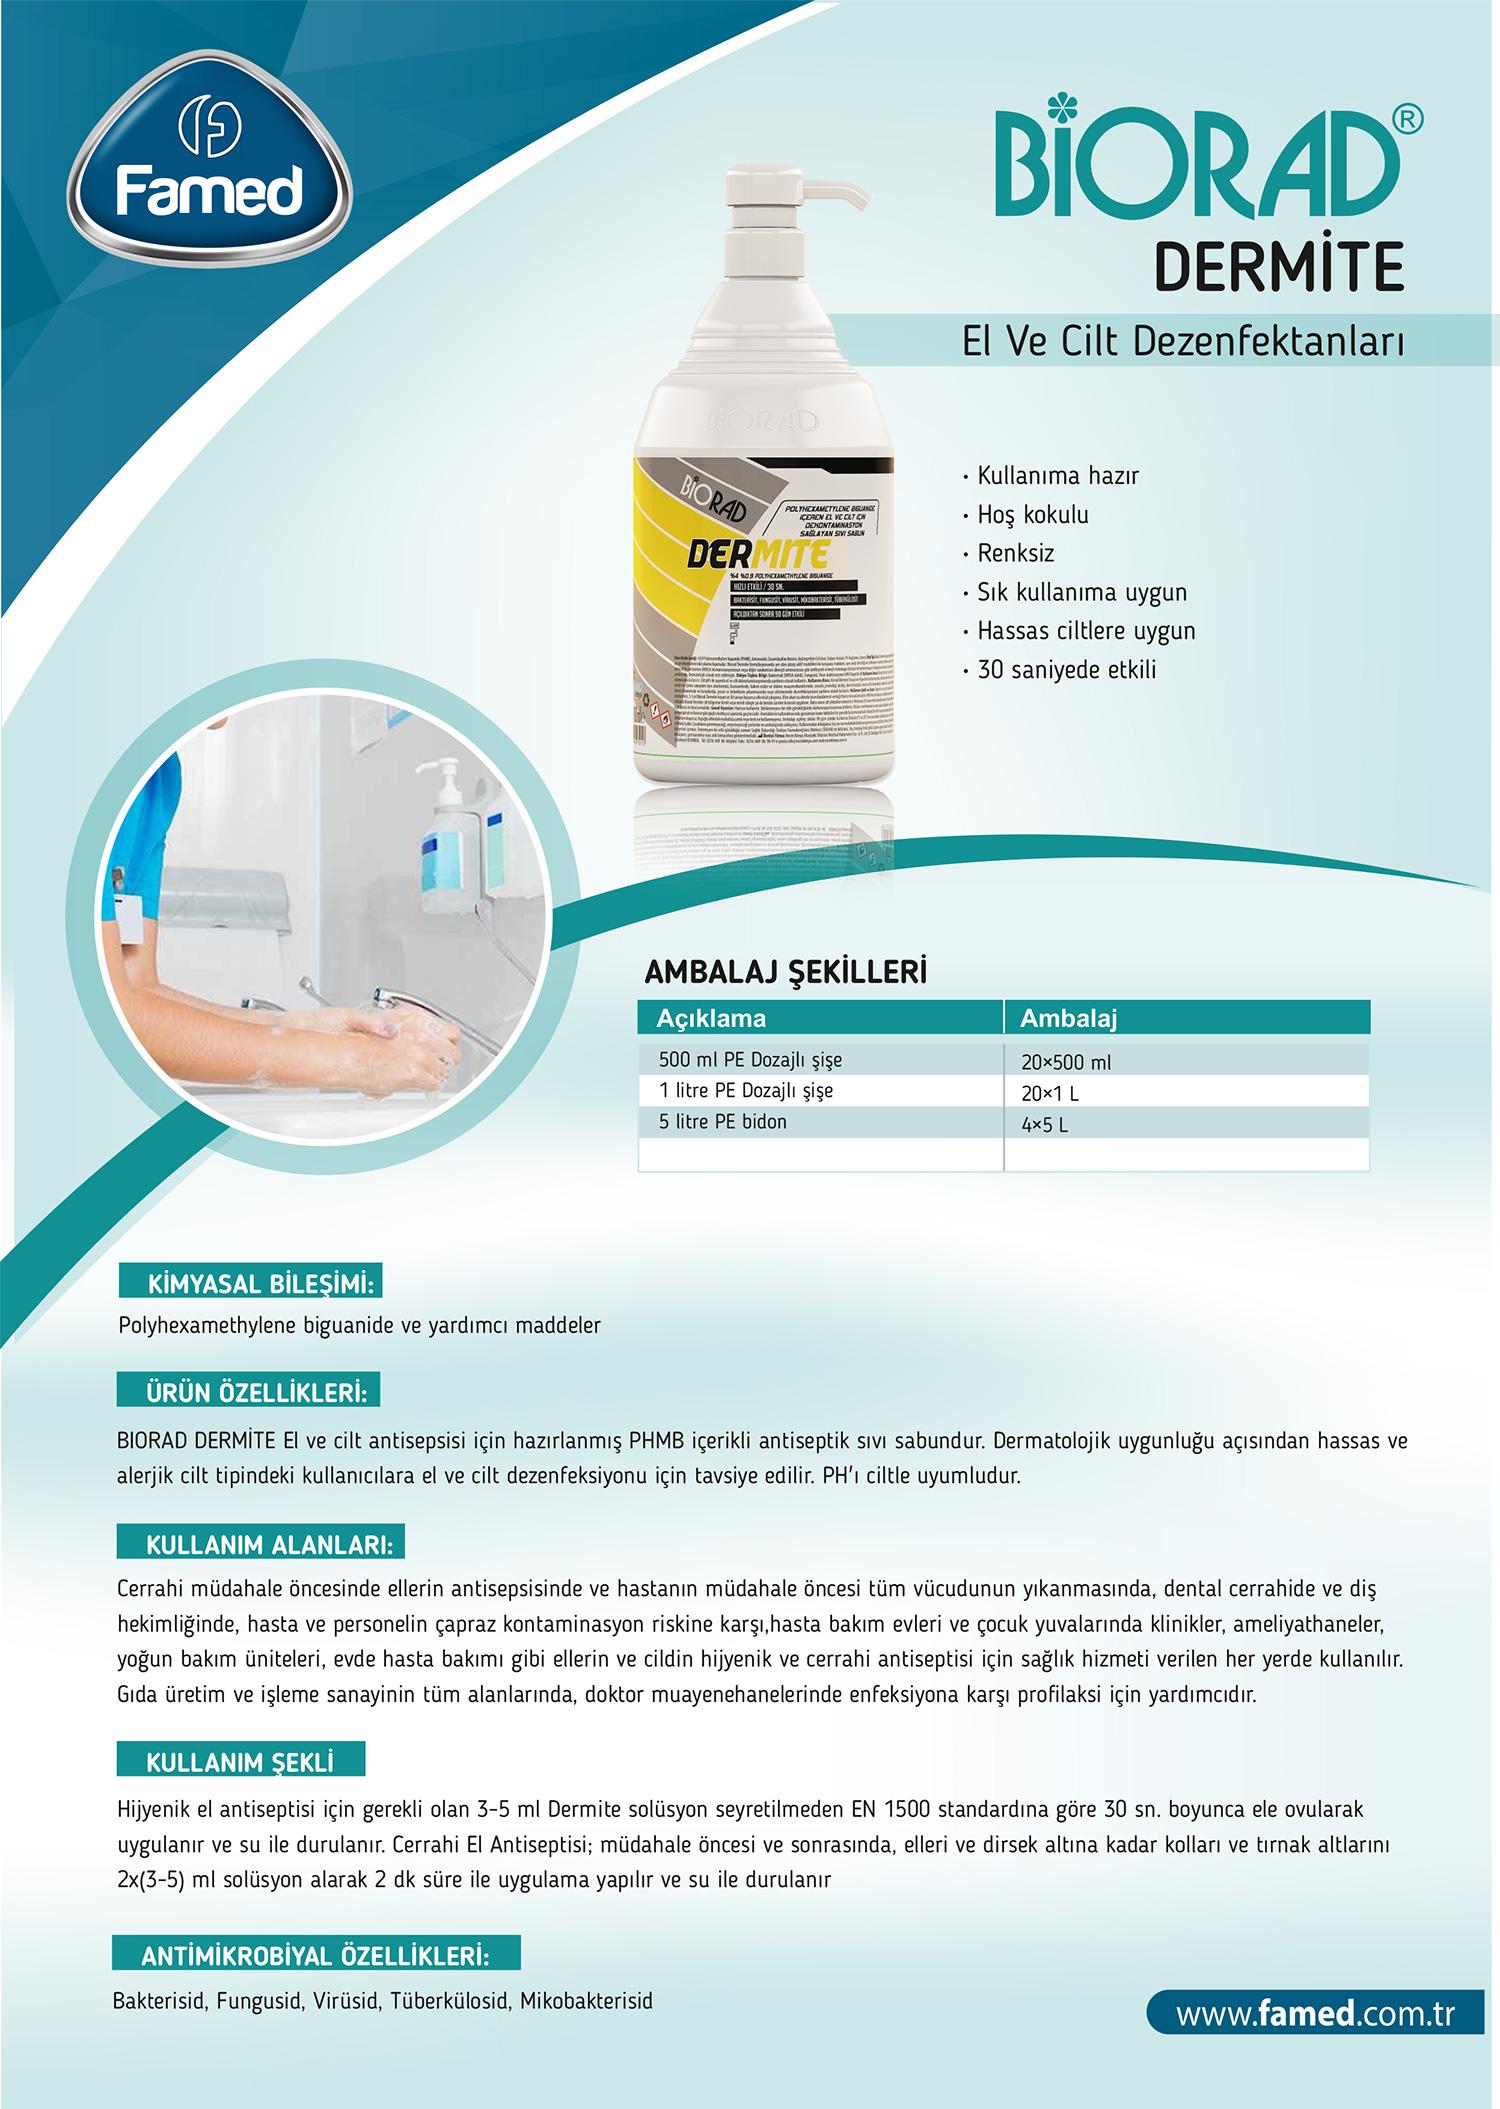 El ve Cilt Dezenfektan Dermite